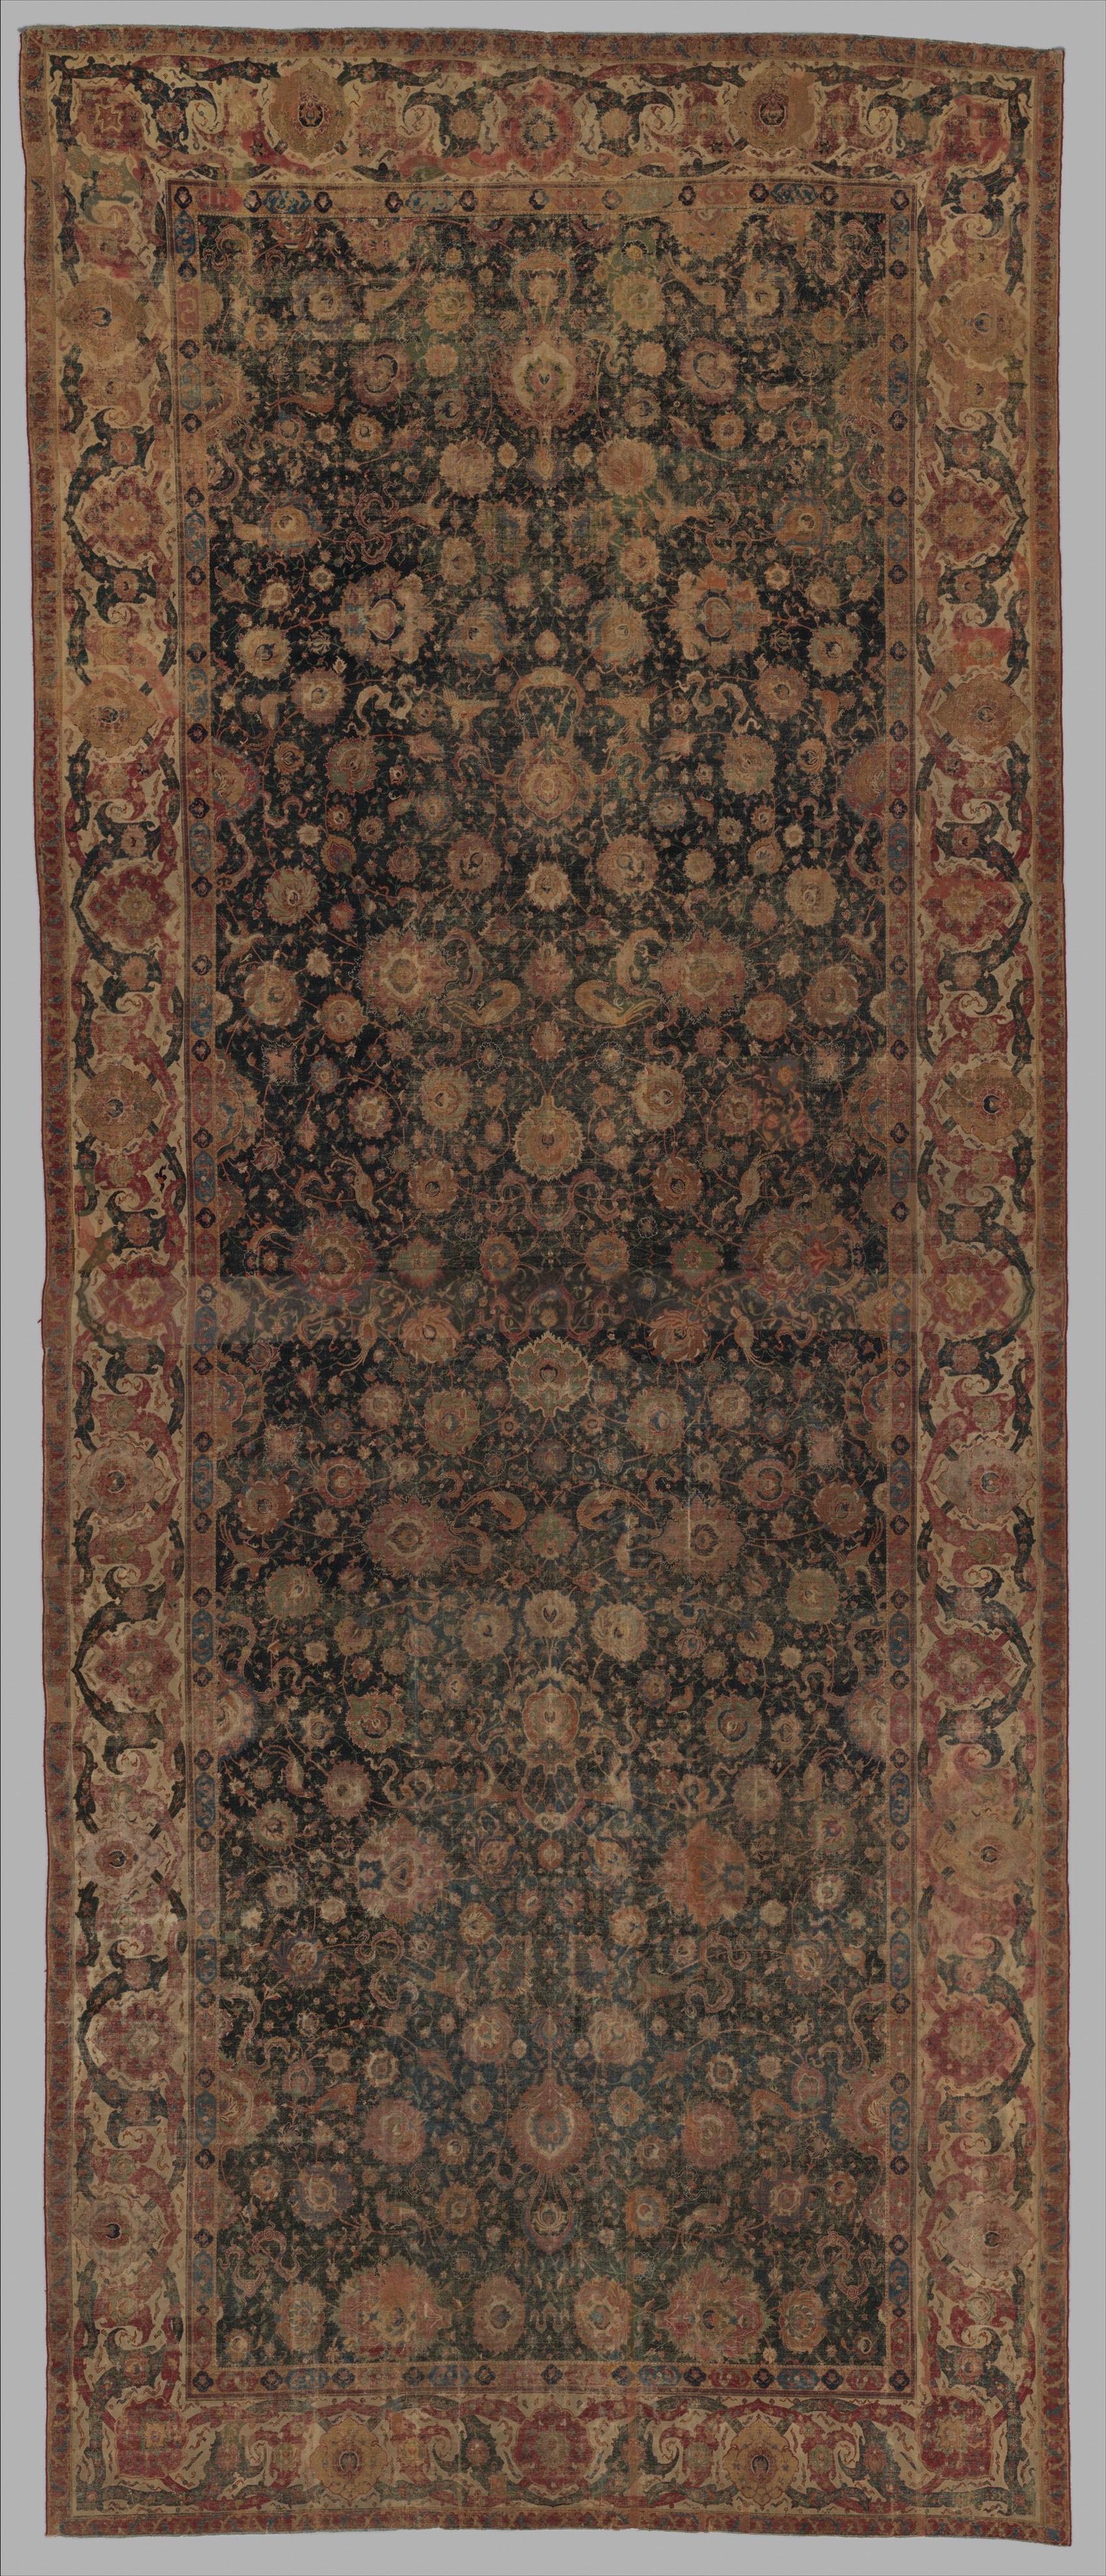 Tapis persan, Iran, XVIIe siècle. Soie, laine et nouage asymétrique © MET Museum